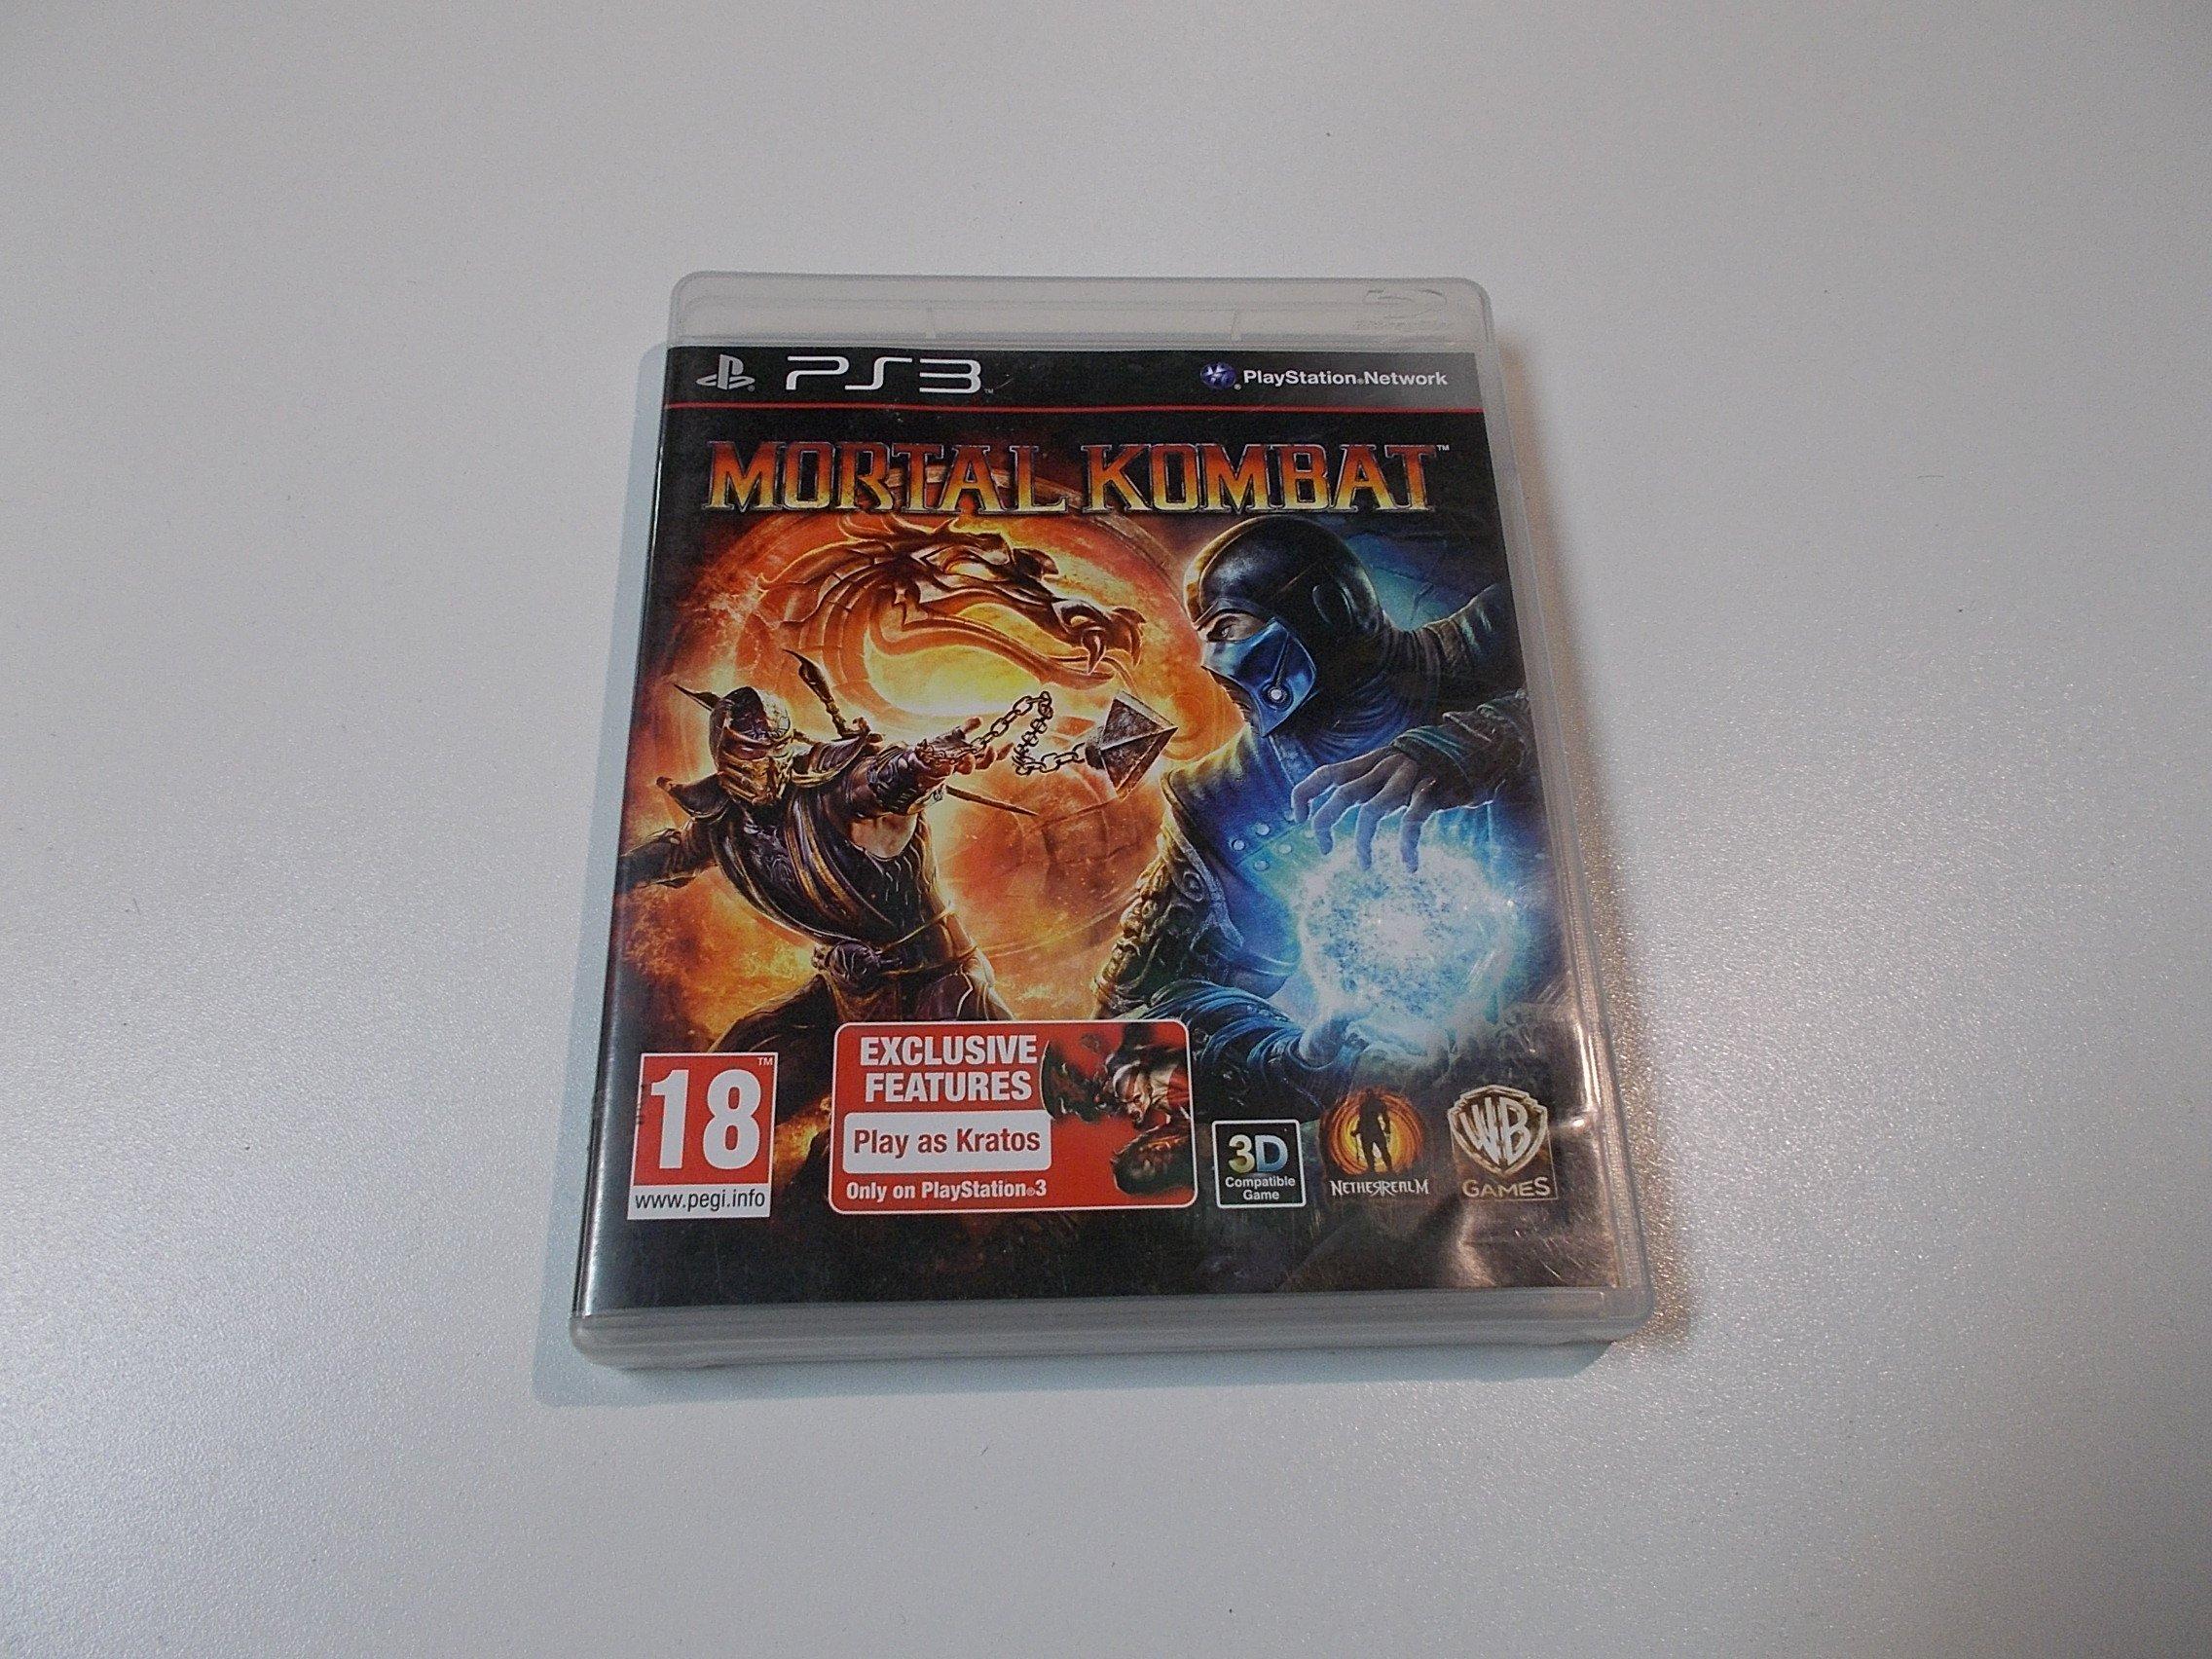 Mortal Kombat - GRA Ps3 - Sklep